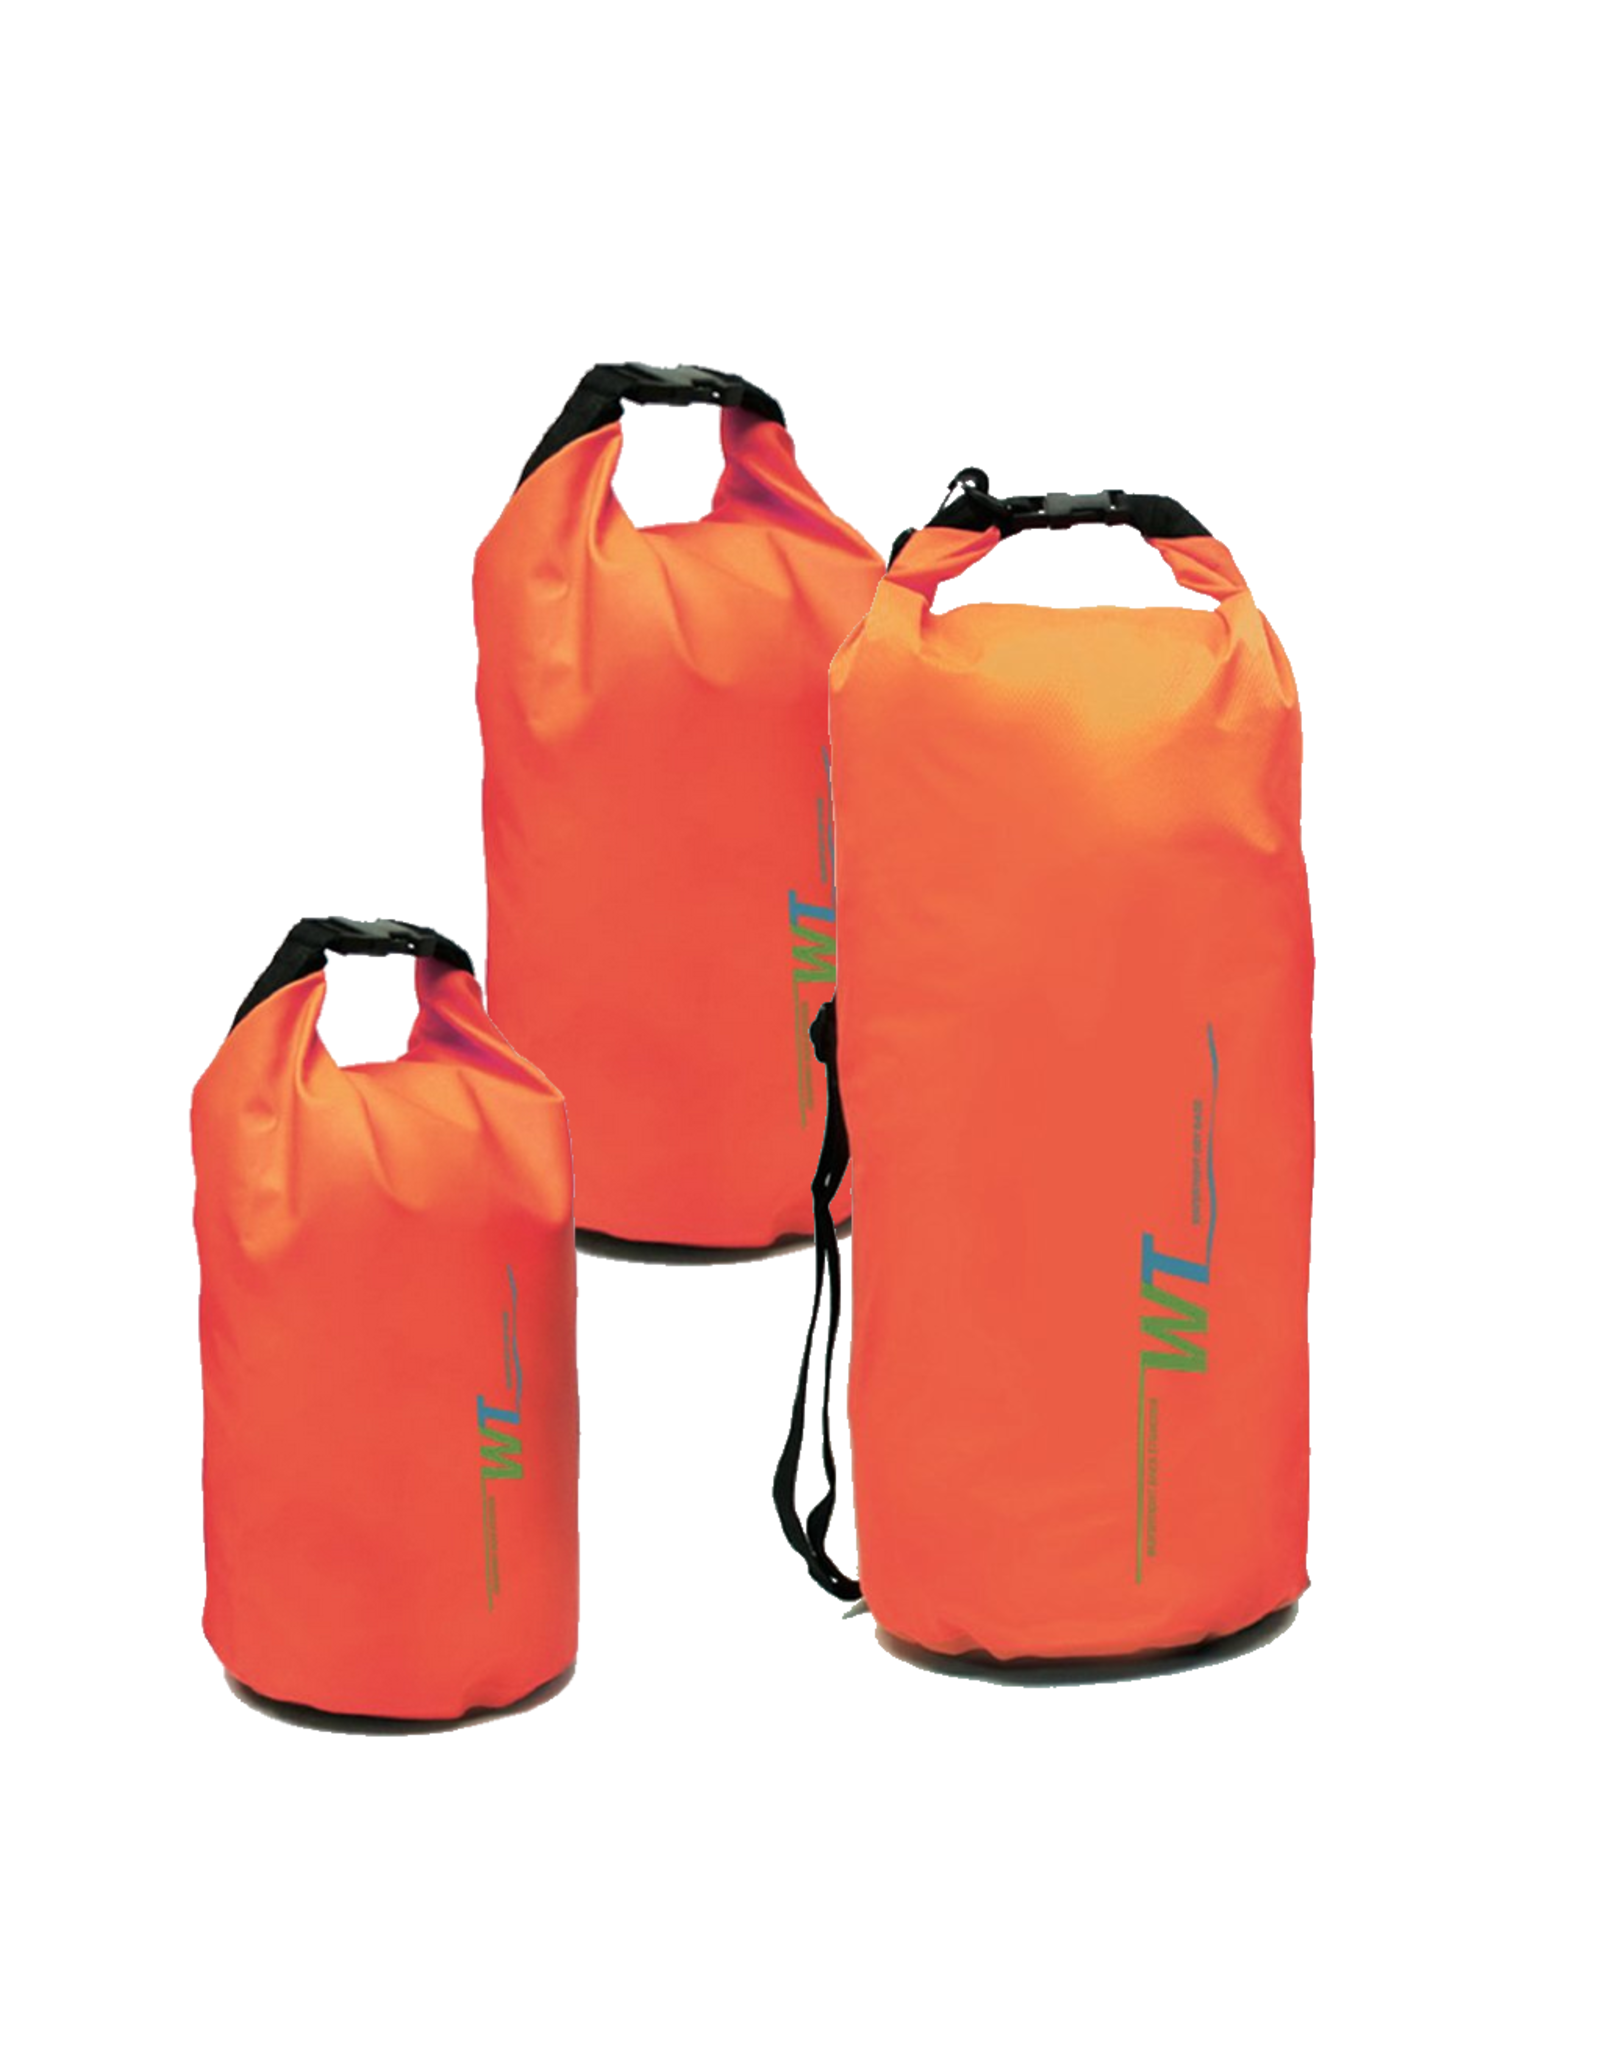 Atlan Atlan watertight waterproof bag